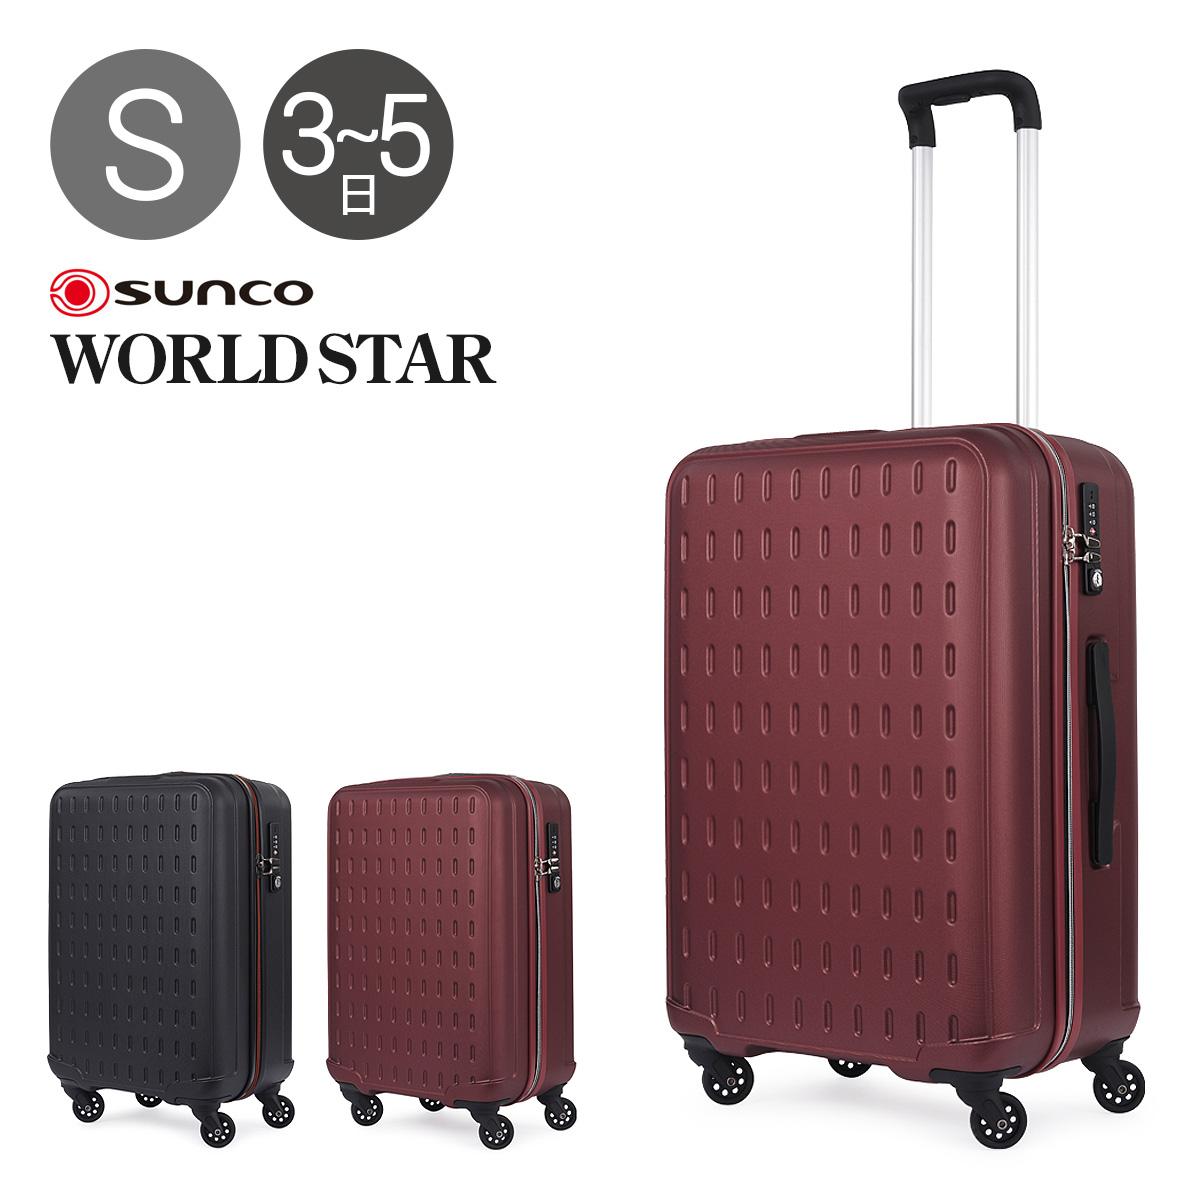 サンコー SUNCO スーツケース WS02-58 58cm 【 WORLDSTAR ワールドスター 】【 キャリーケース キャリーバッグ TSAロック搭載 】[PO10][bef][即日発送]